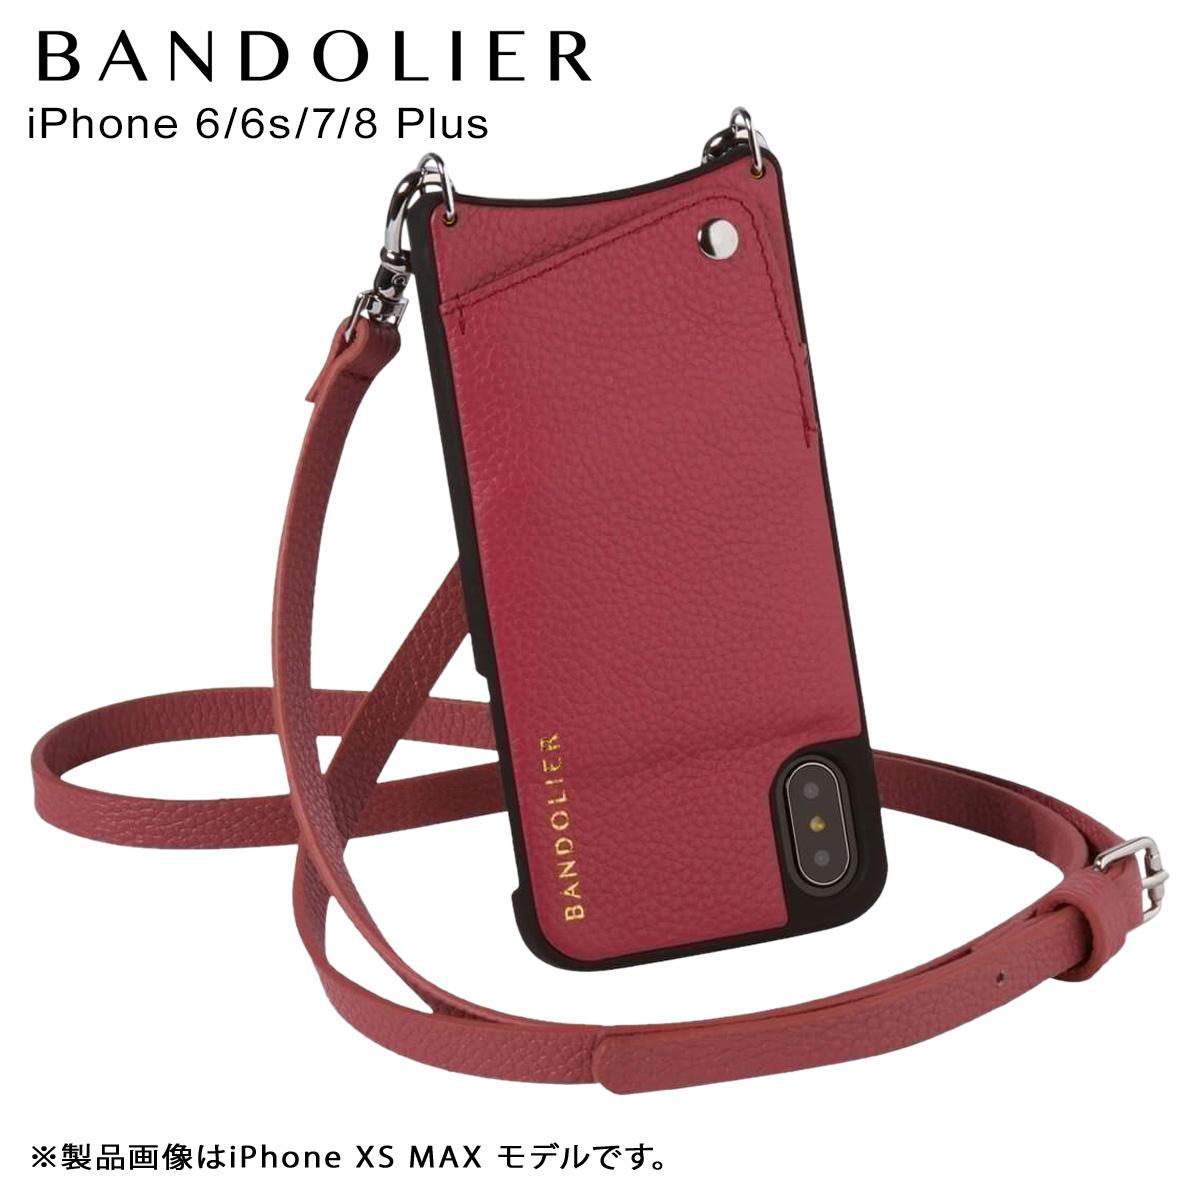 バンドリヤー BANDOLIER iPhone 6 6s 7 8 Plus ケース ショルダー スマホ アイフォン レザー EMMA MAGENTA RED メンズ レディース マゼンタ レッド 10EMM1001